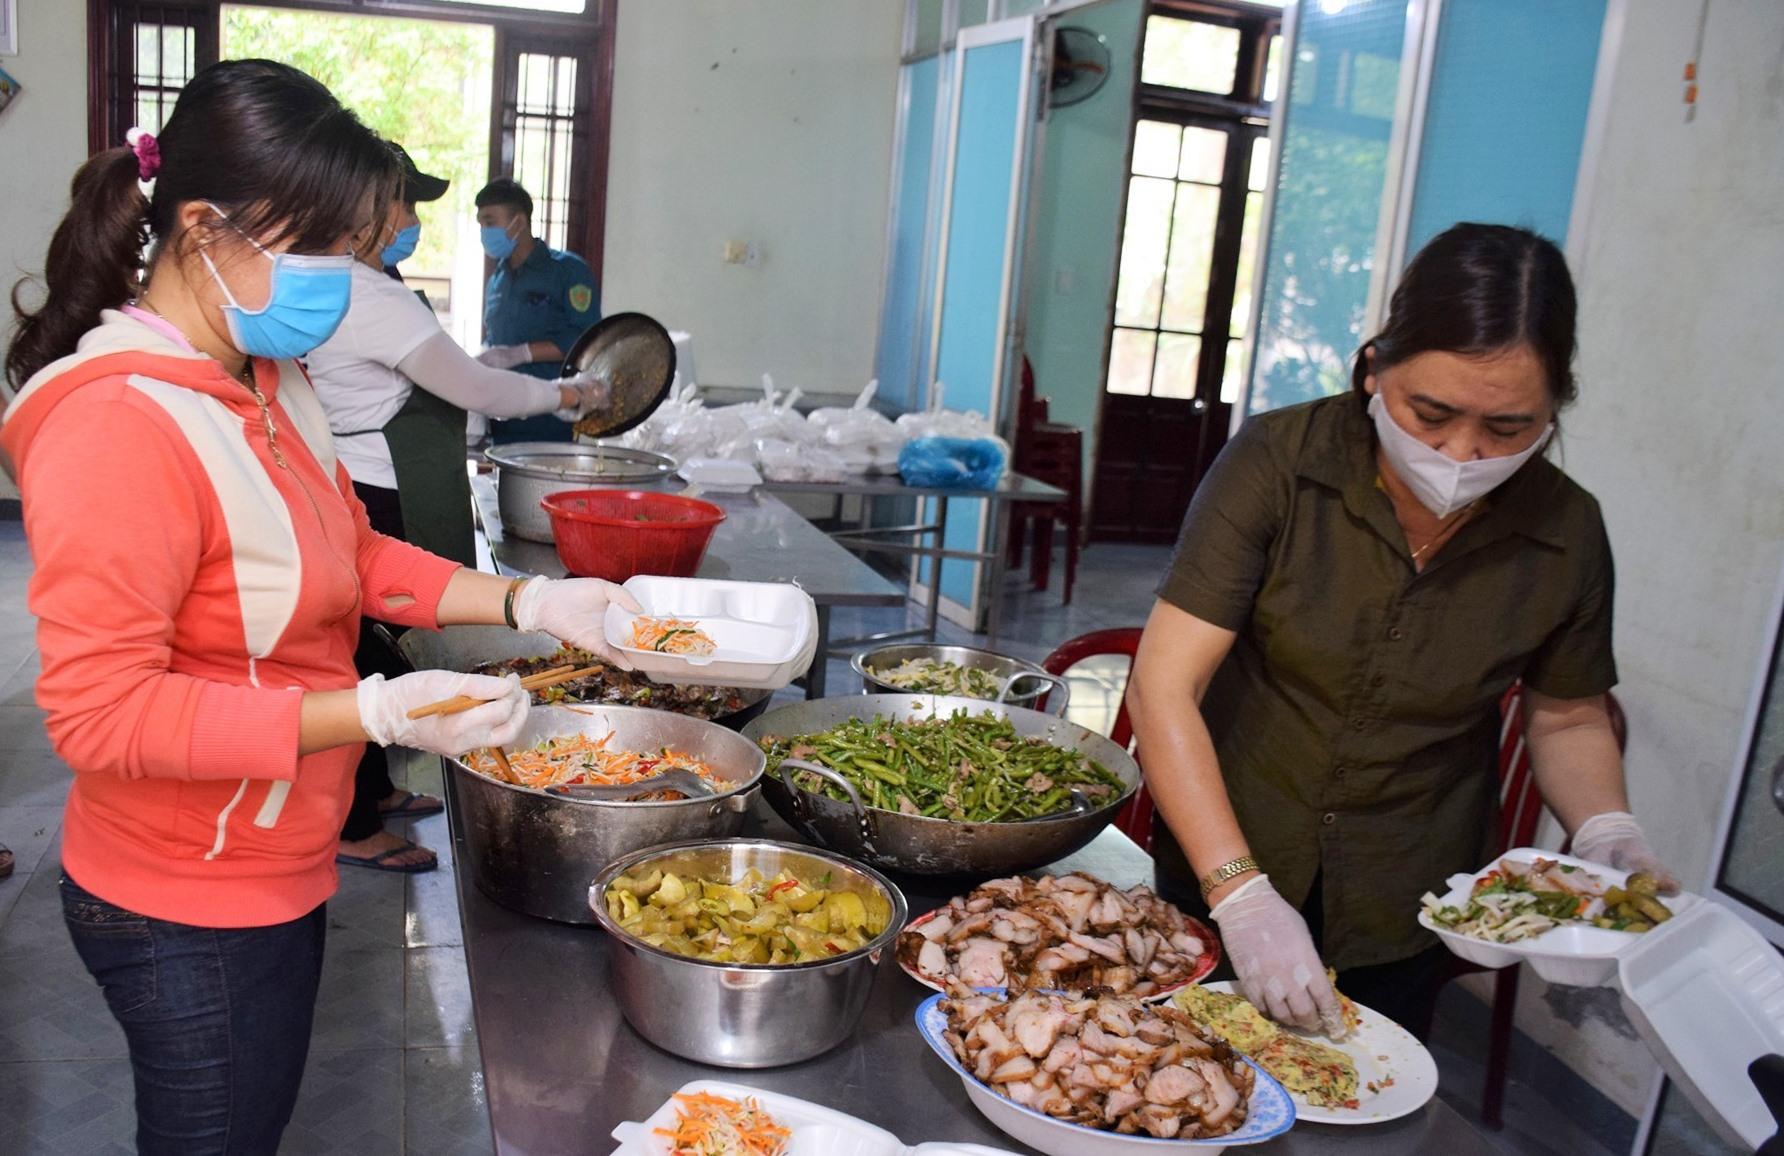 Các chị em phụ nữ thành phố chung tay lo bữa ăn chu đáo phục vụ khu cách ly và các lực lượng làm nhiệm vụ. Ảnh: L.T